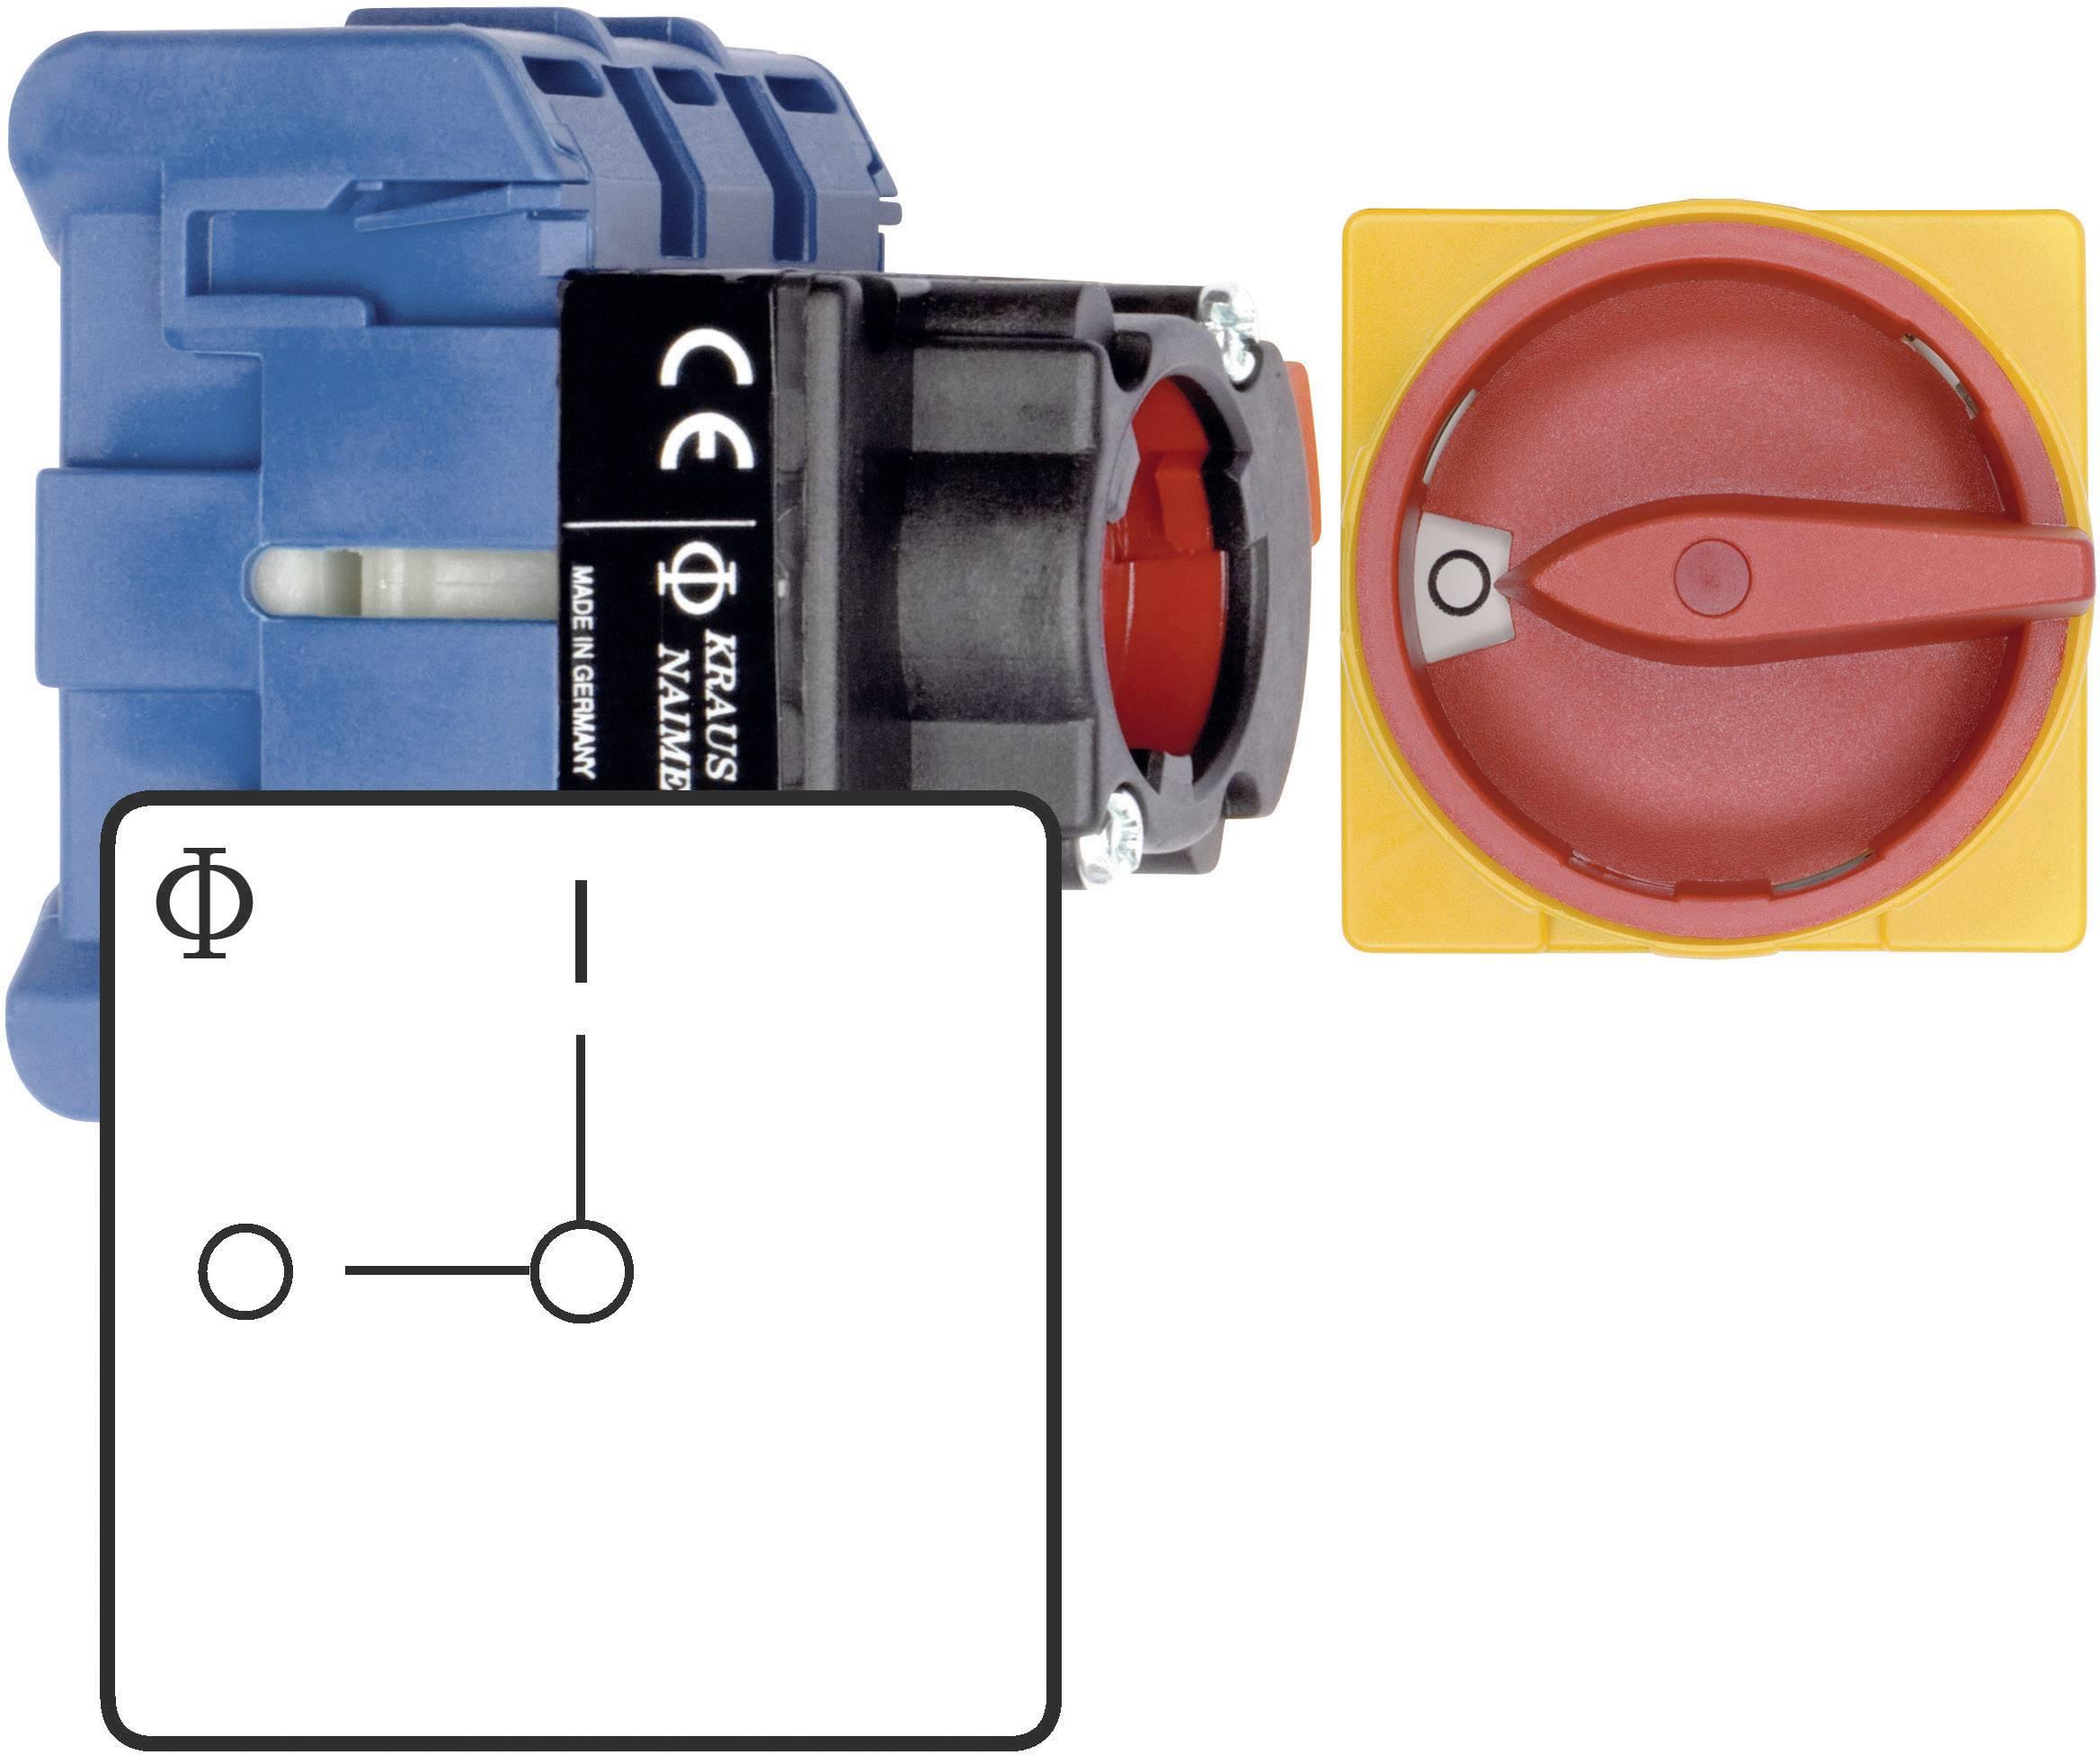 Odpínač Kraus & Naimer KG32B T203/01 FT2, 32 A, 1 x 90 °, červená, žlutá, 1 ks